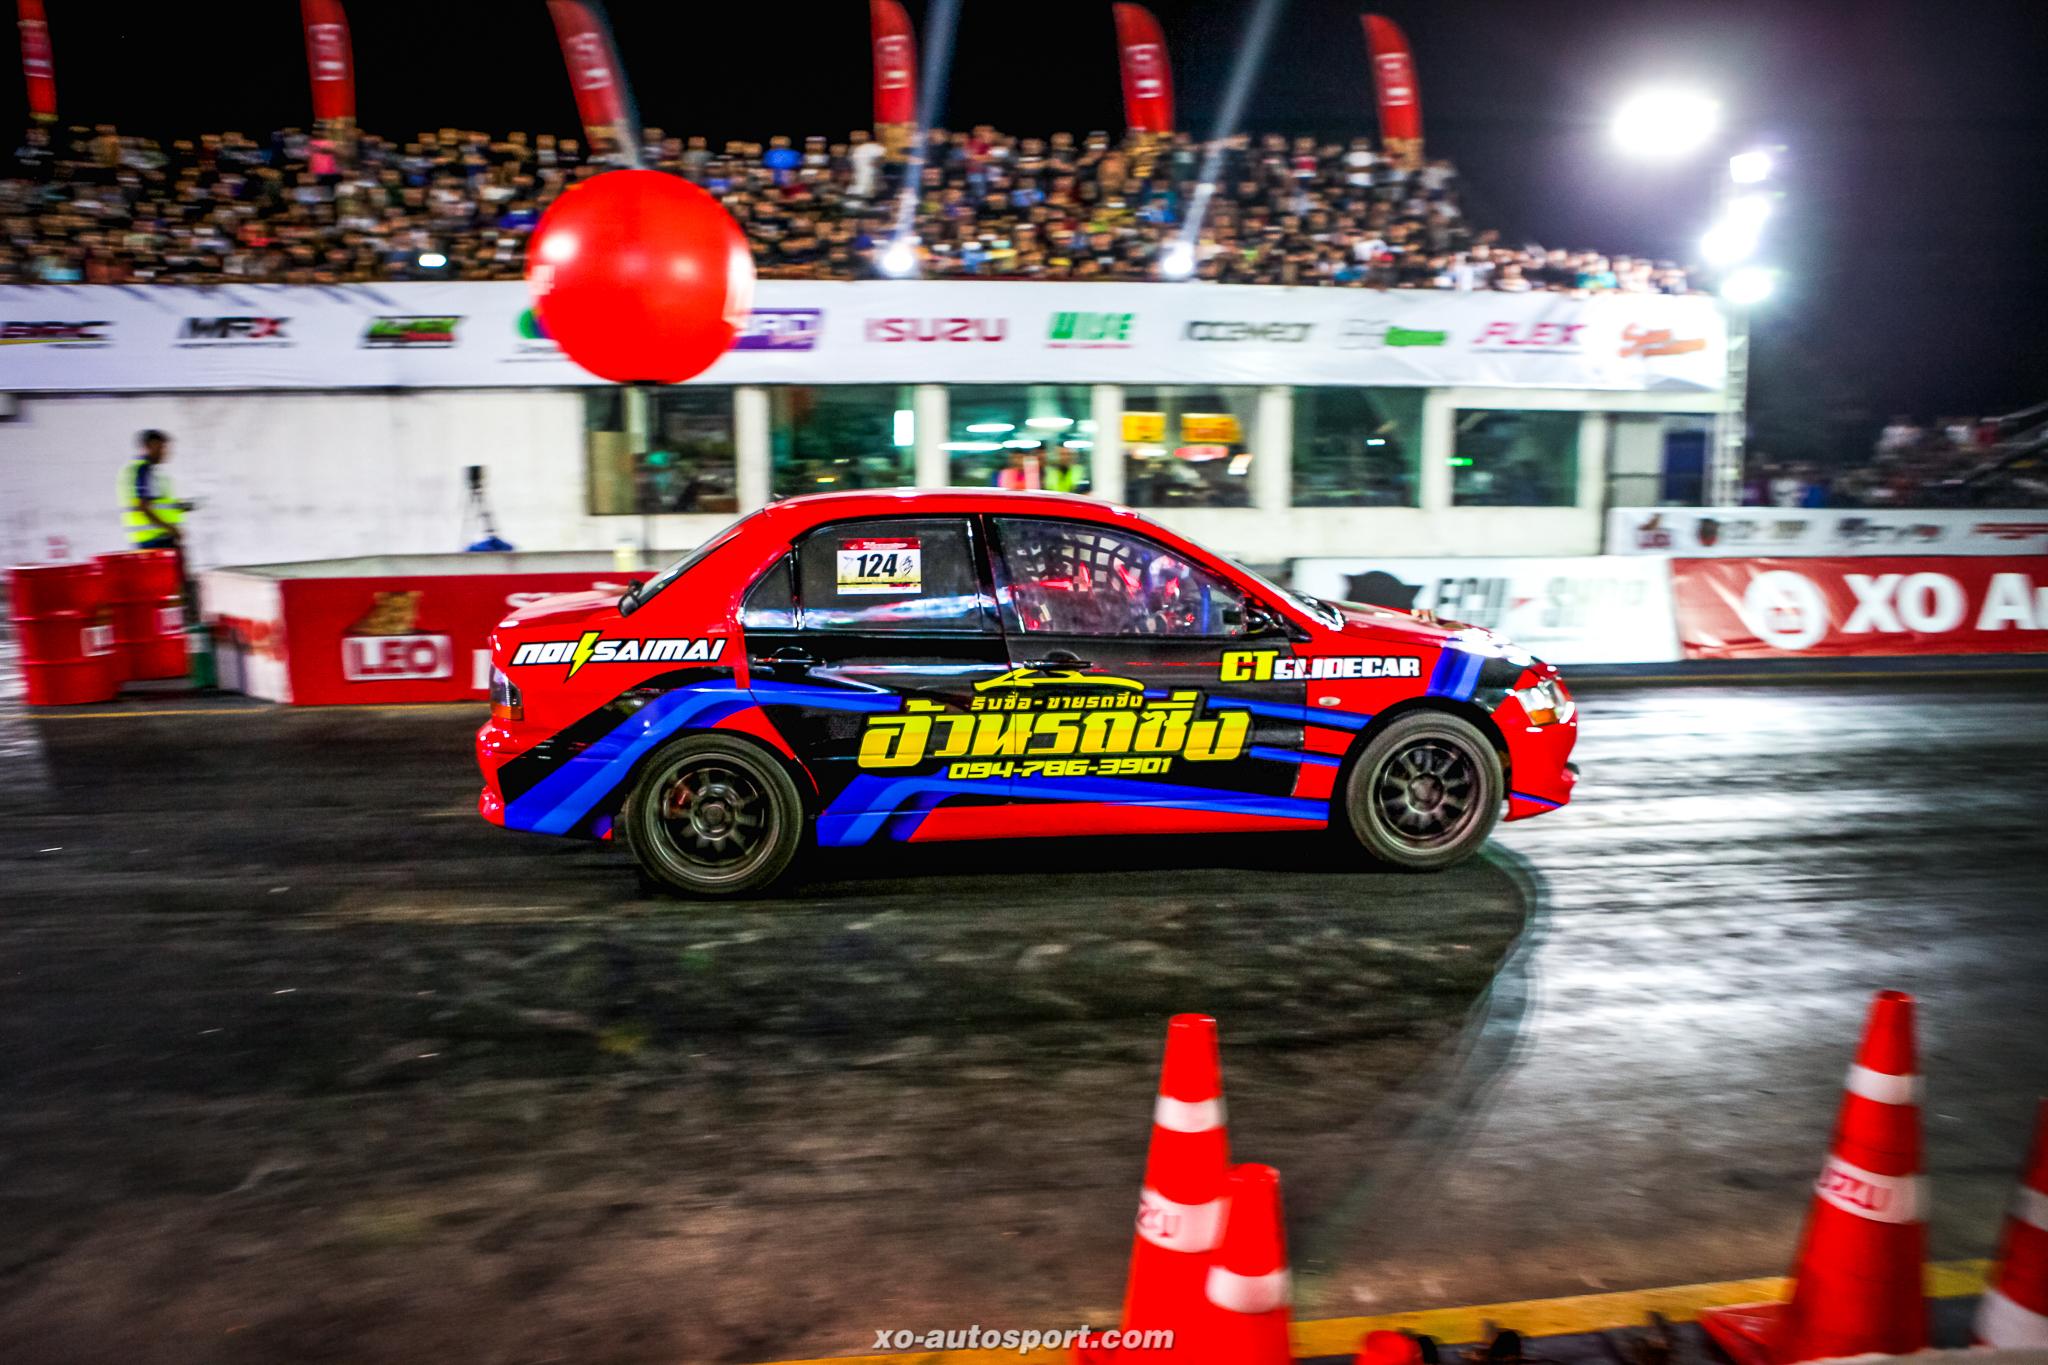 Super 4 4WD Champion 13